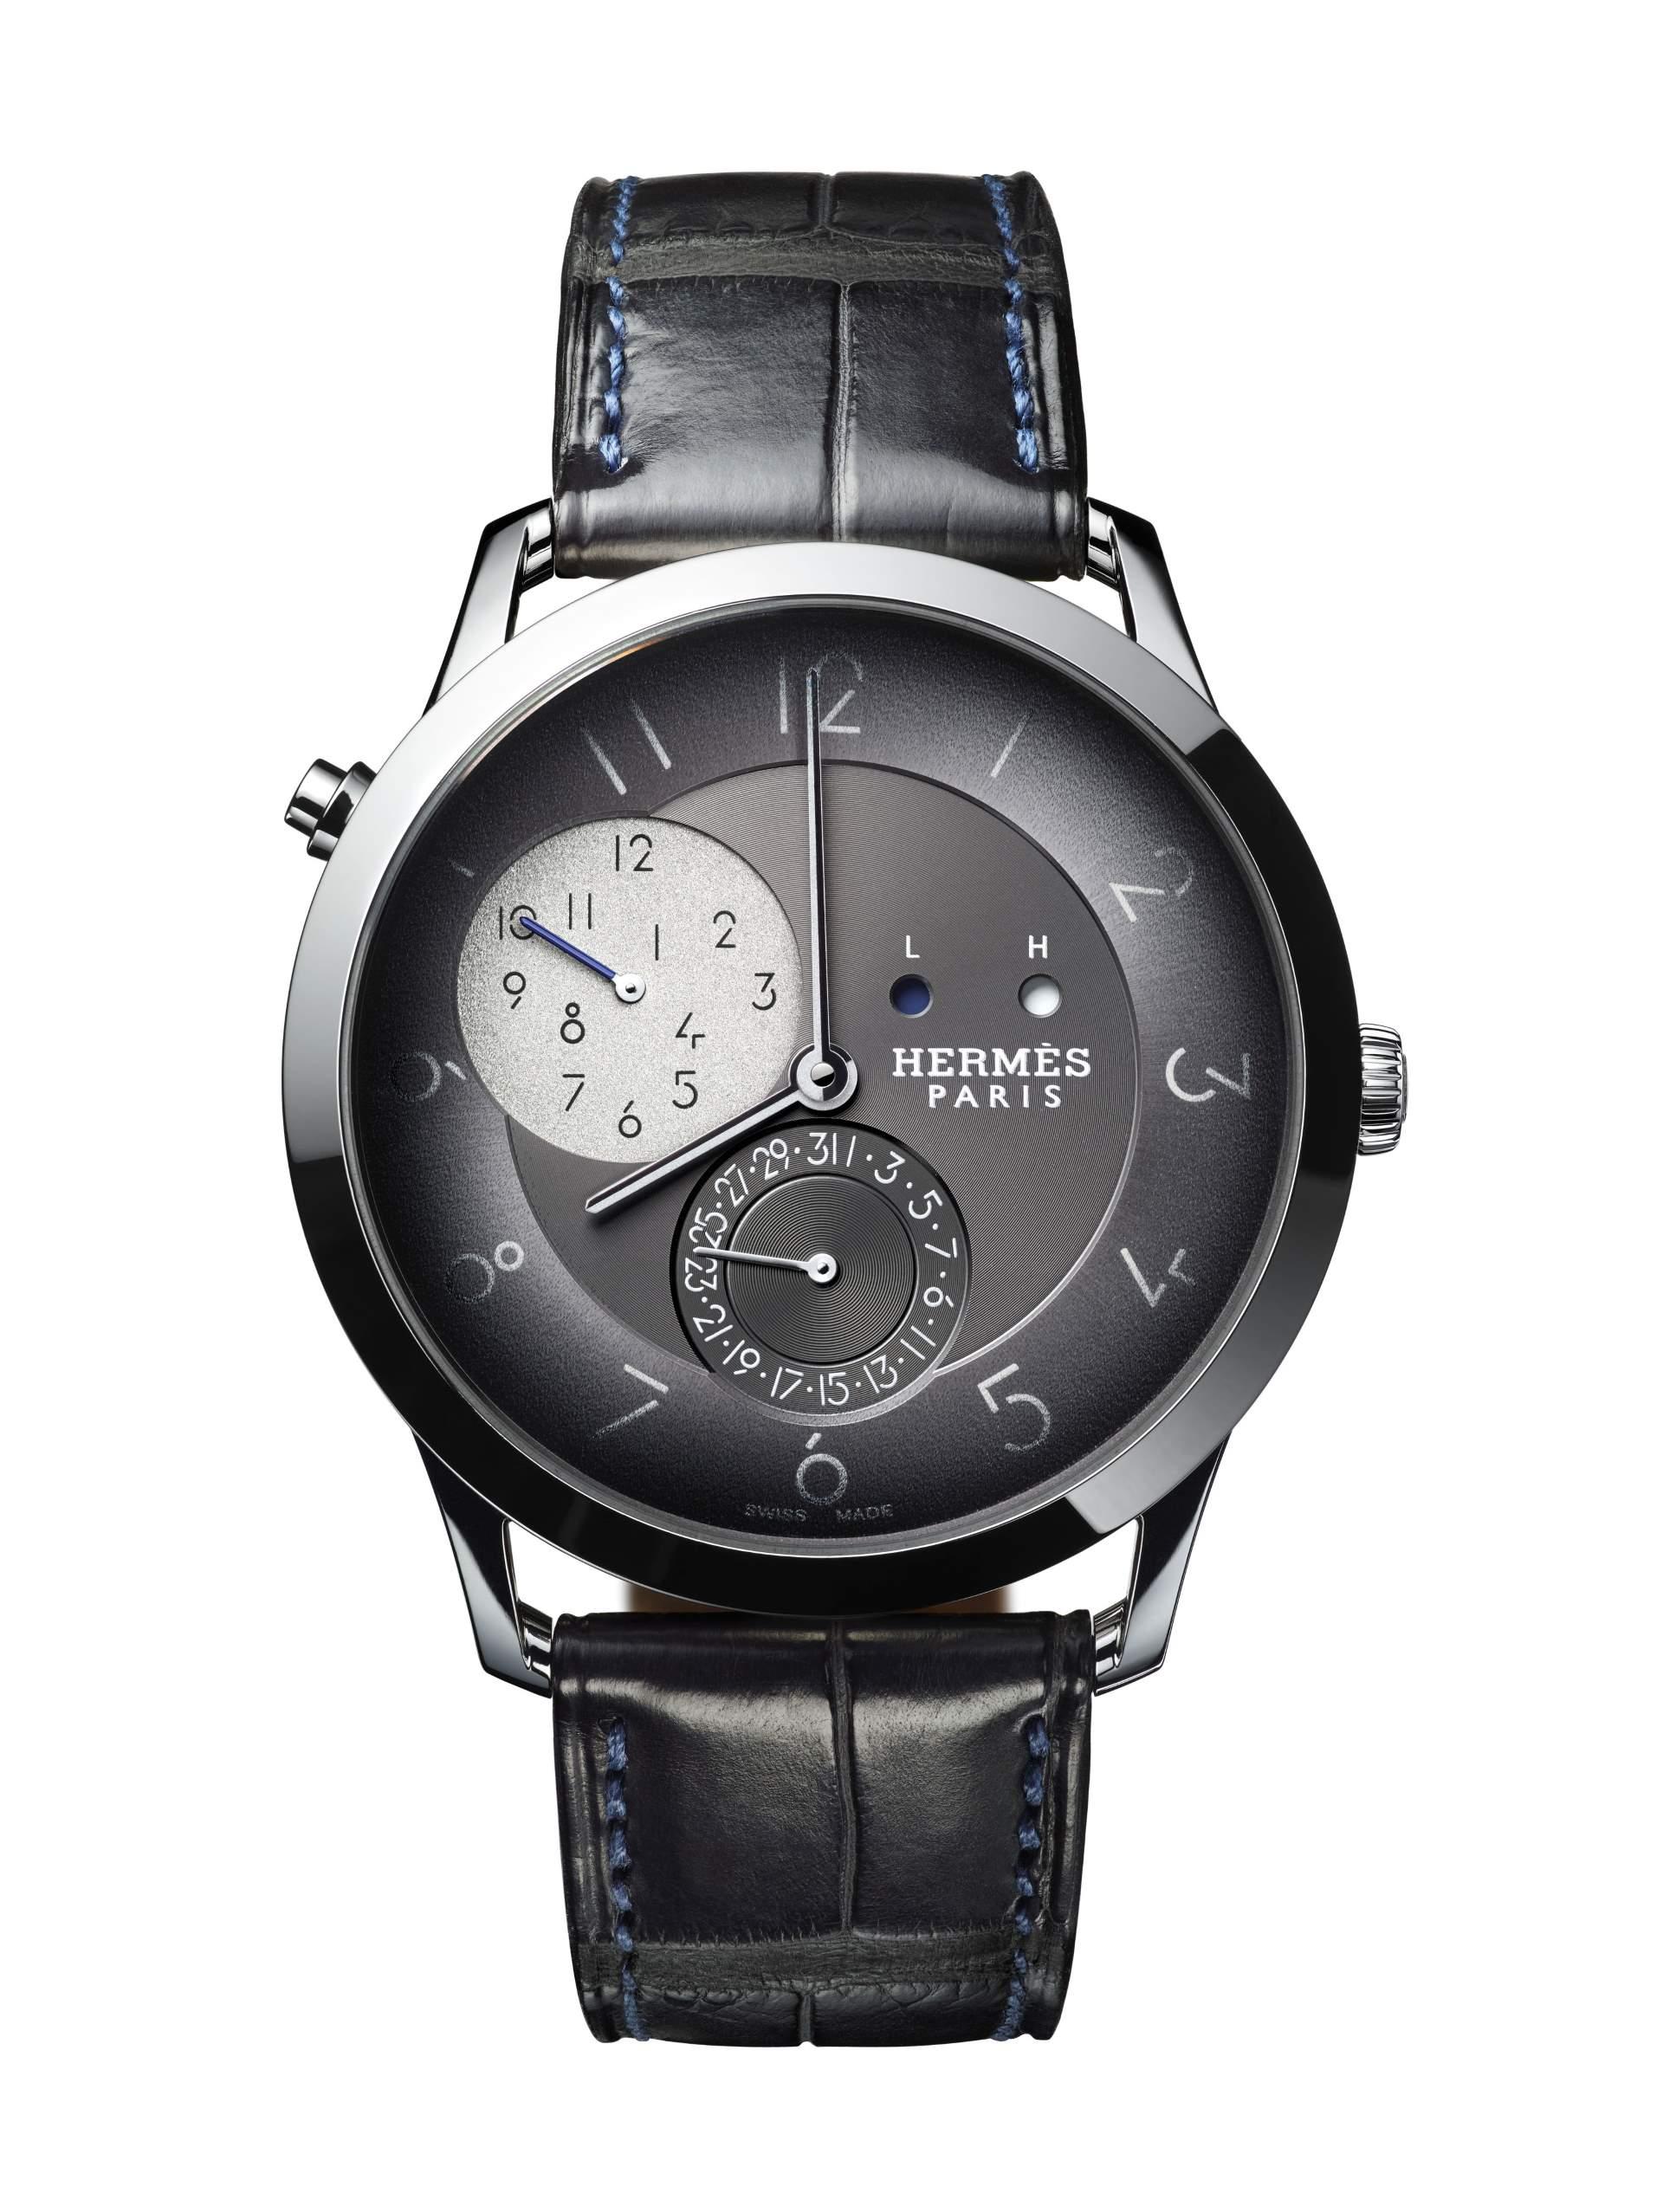 Slim d'Hermès GMT mit extraflachem Automatikkaliber H1950 und zusätzlichem GMT-Modul. Das Modell bietet eine zusätzliche Zeitzonenanzeige mit Tag-Nacht-Indikation.